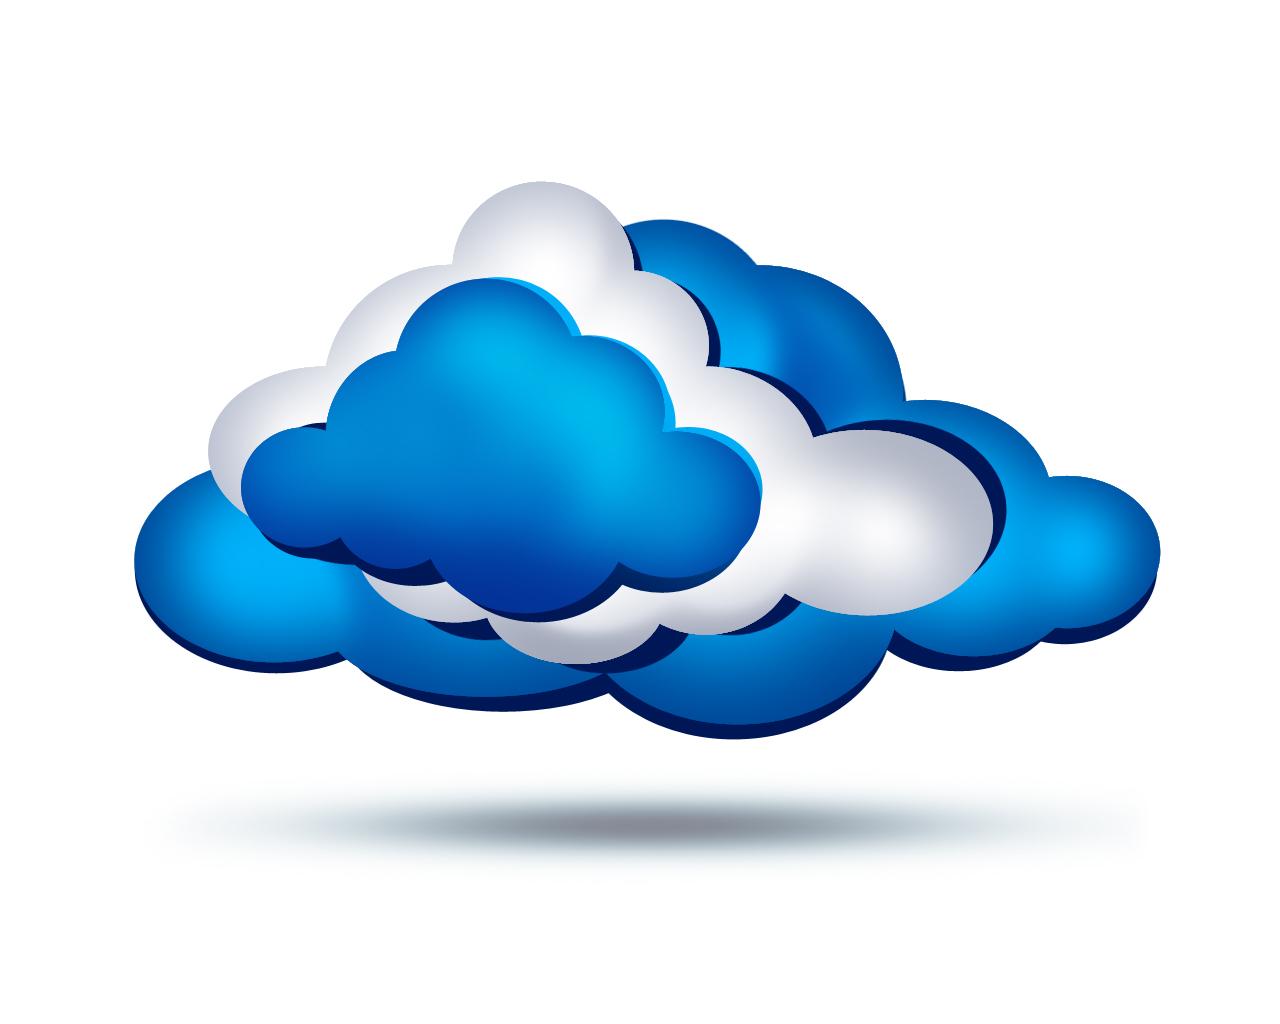 Top 4 Cloud Storage Providers